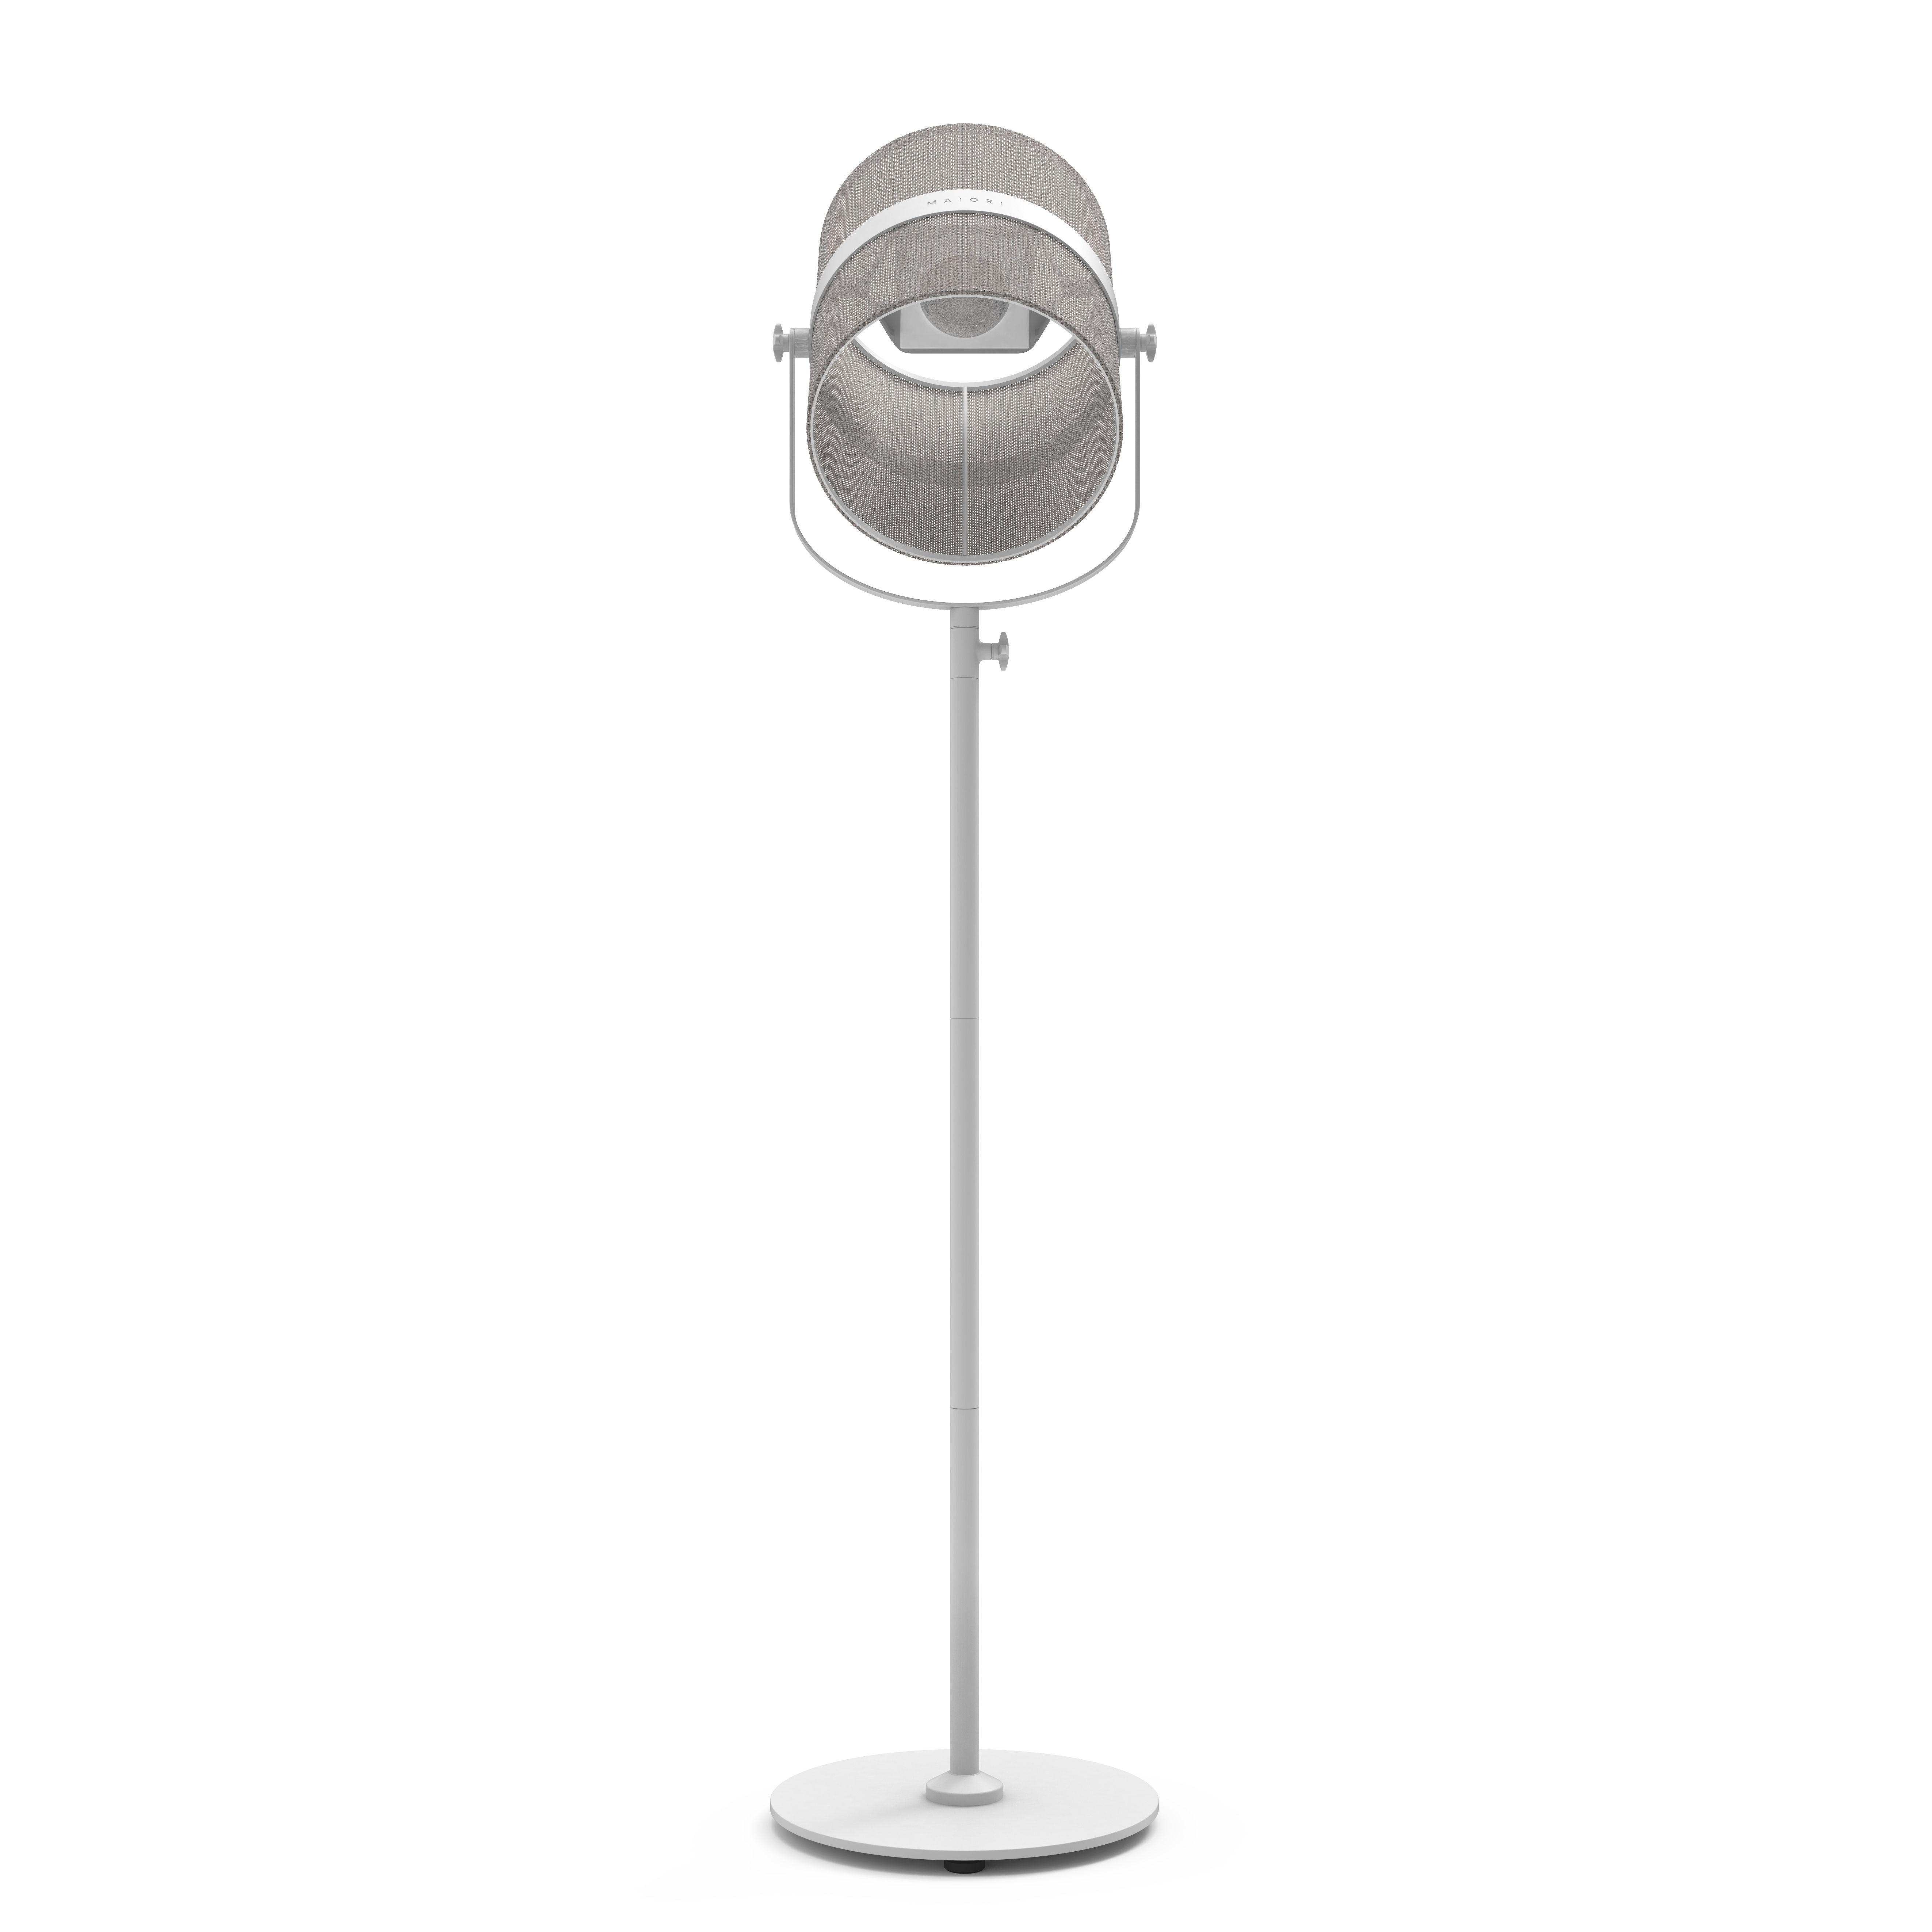 Lighting - Floor lamps - La Lampe Paris LED Solar floorlamp - / Solar by Maiori - Structure : White - Diffuser : Light Taupe - Fabric, Painted aluminium